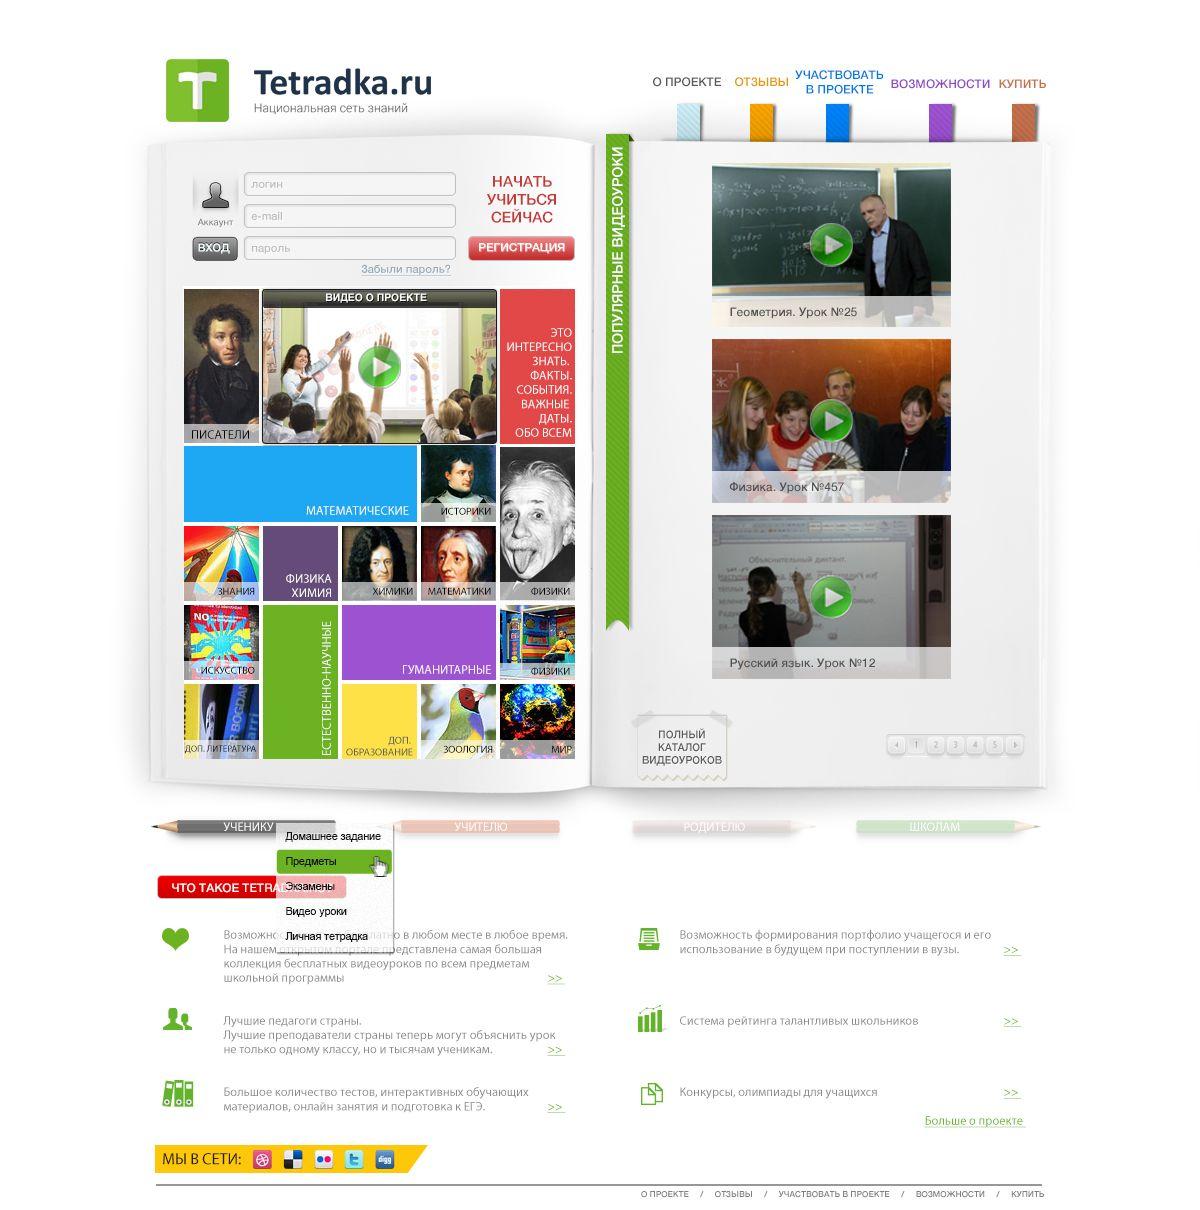 Главная страница образовательной сети tetradka.ru - дизайнер Harmful_girl